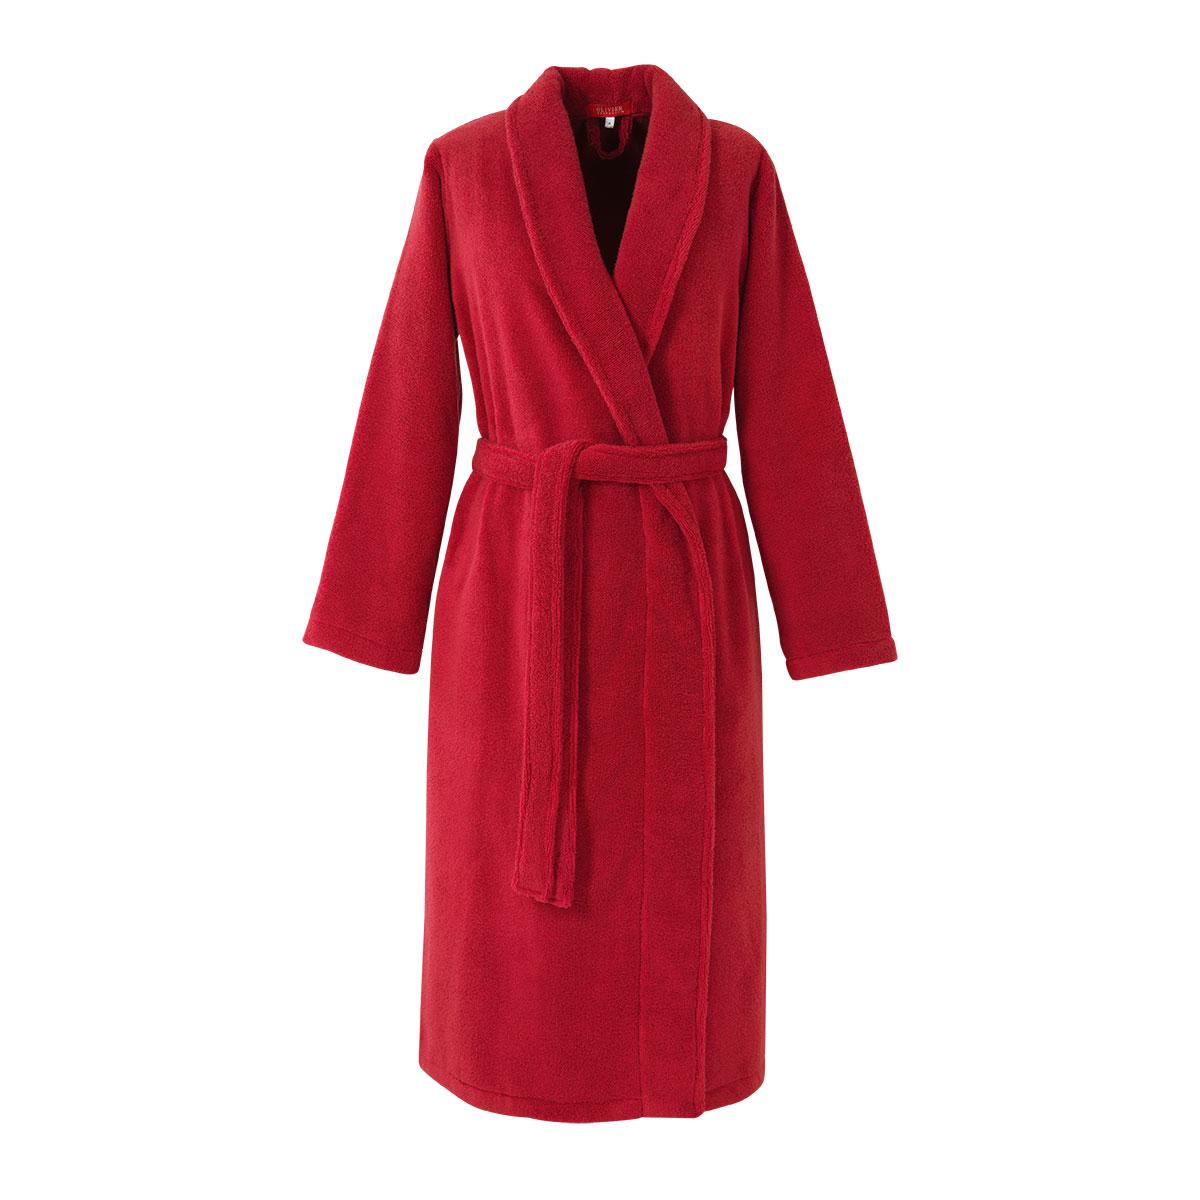 Peignoir coton peigné Rouge XS